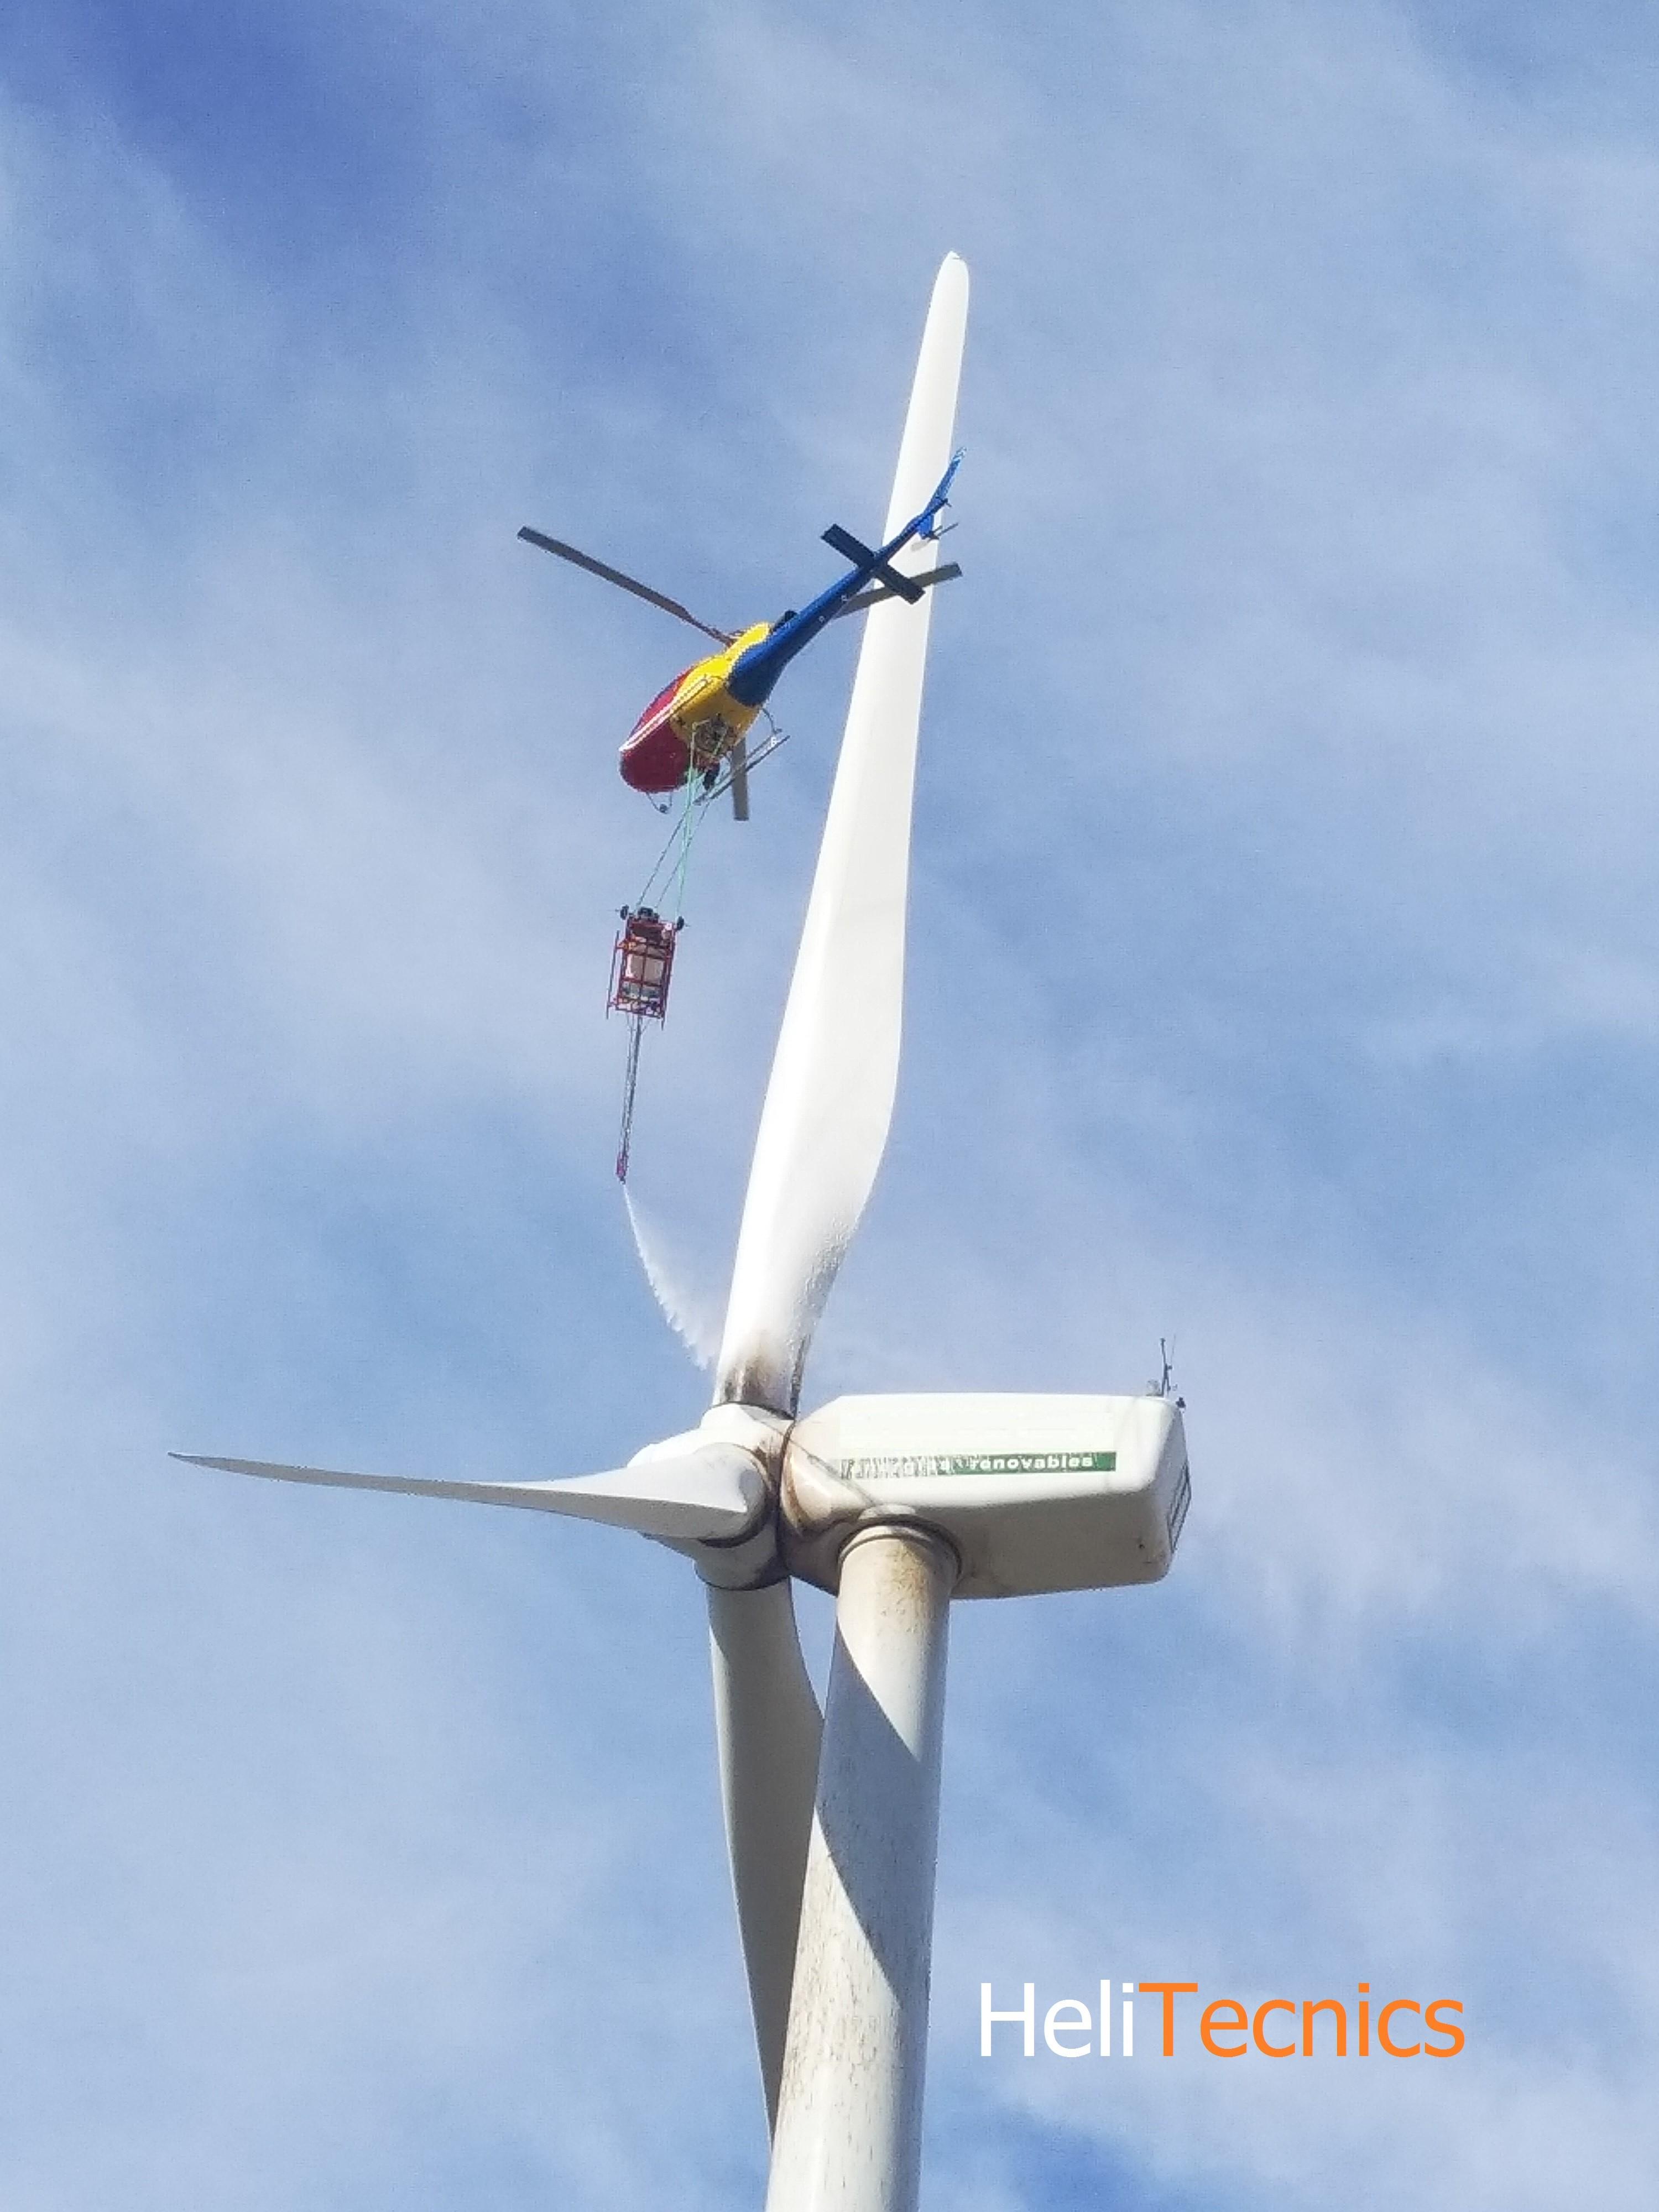 limpieza de aerogeneradores con helicoptero